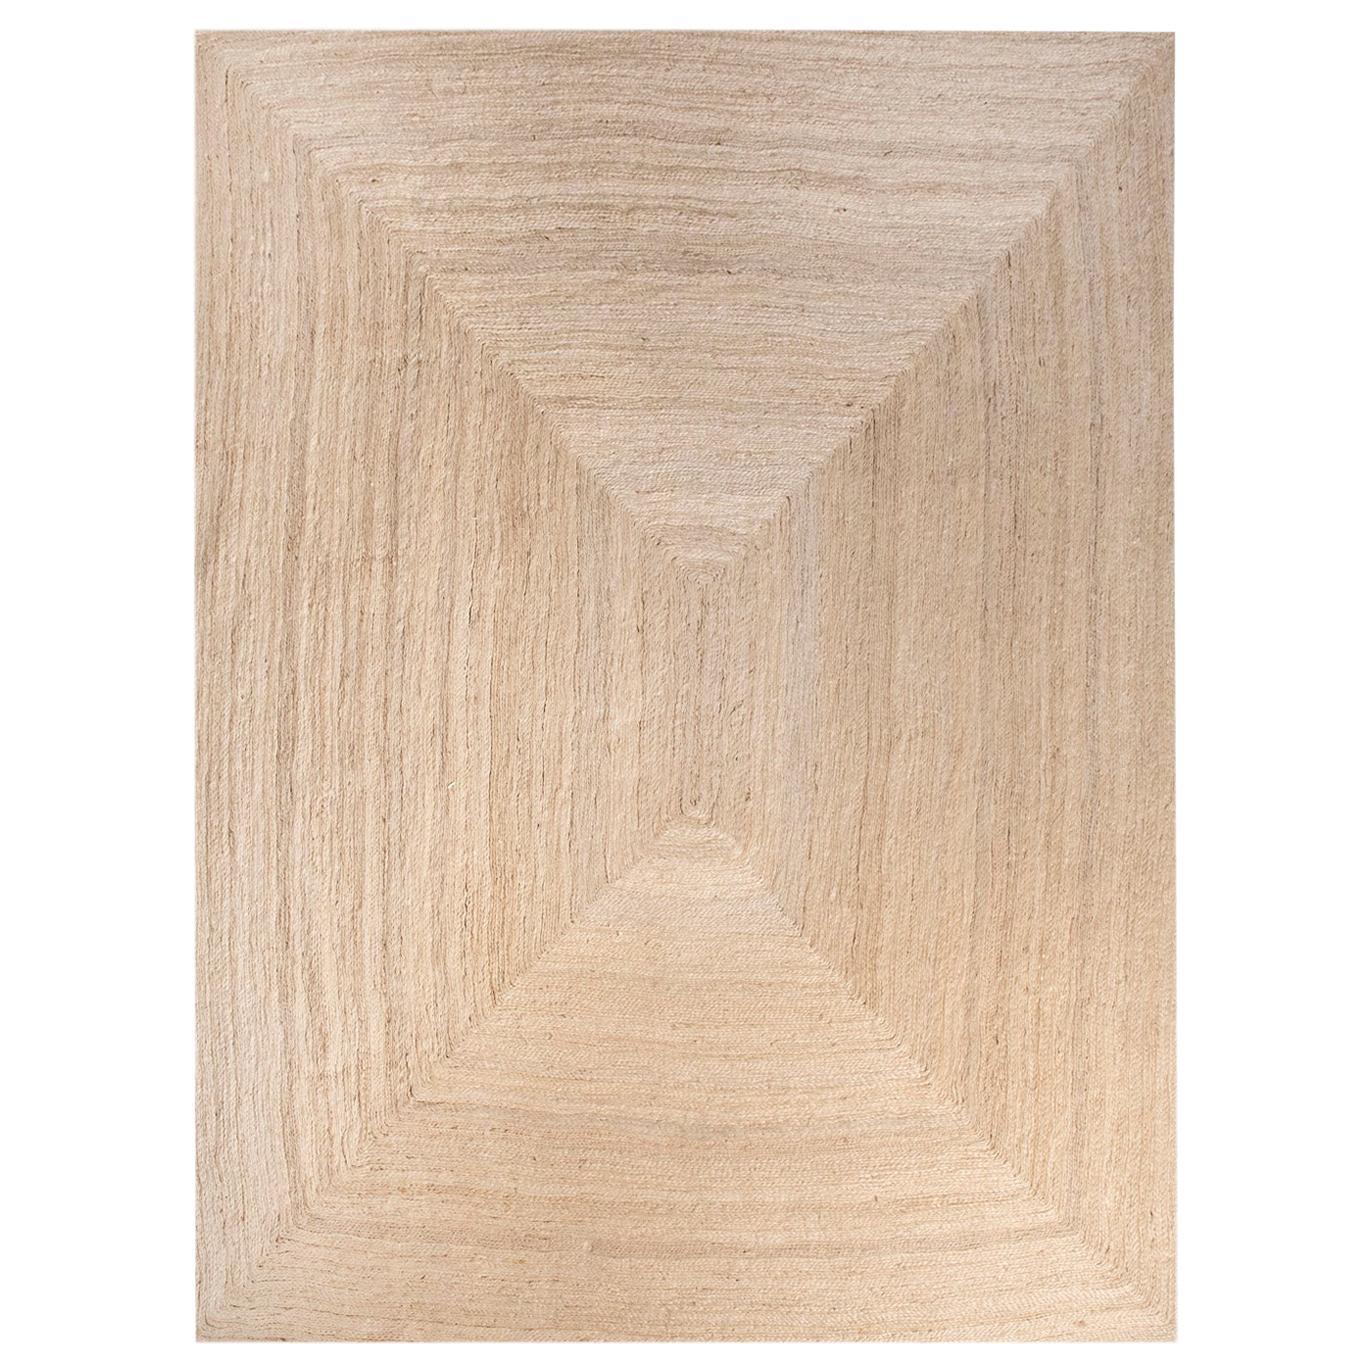 21st Century Modern Jute Carpet Rug by Kilombo Home Ivory